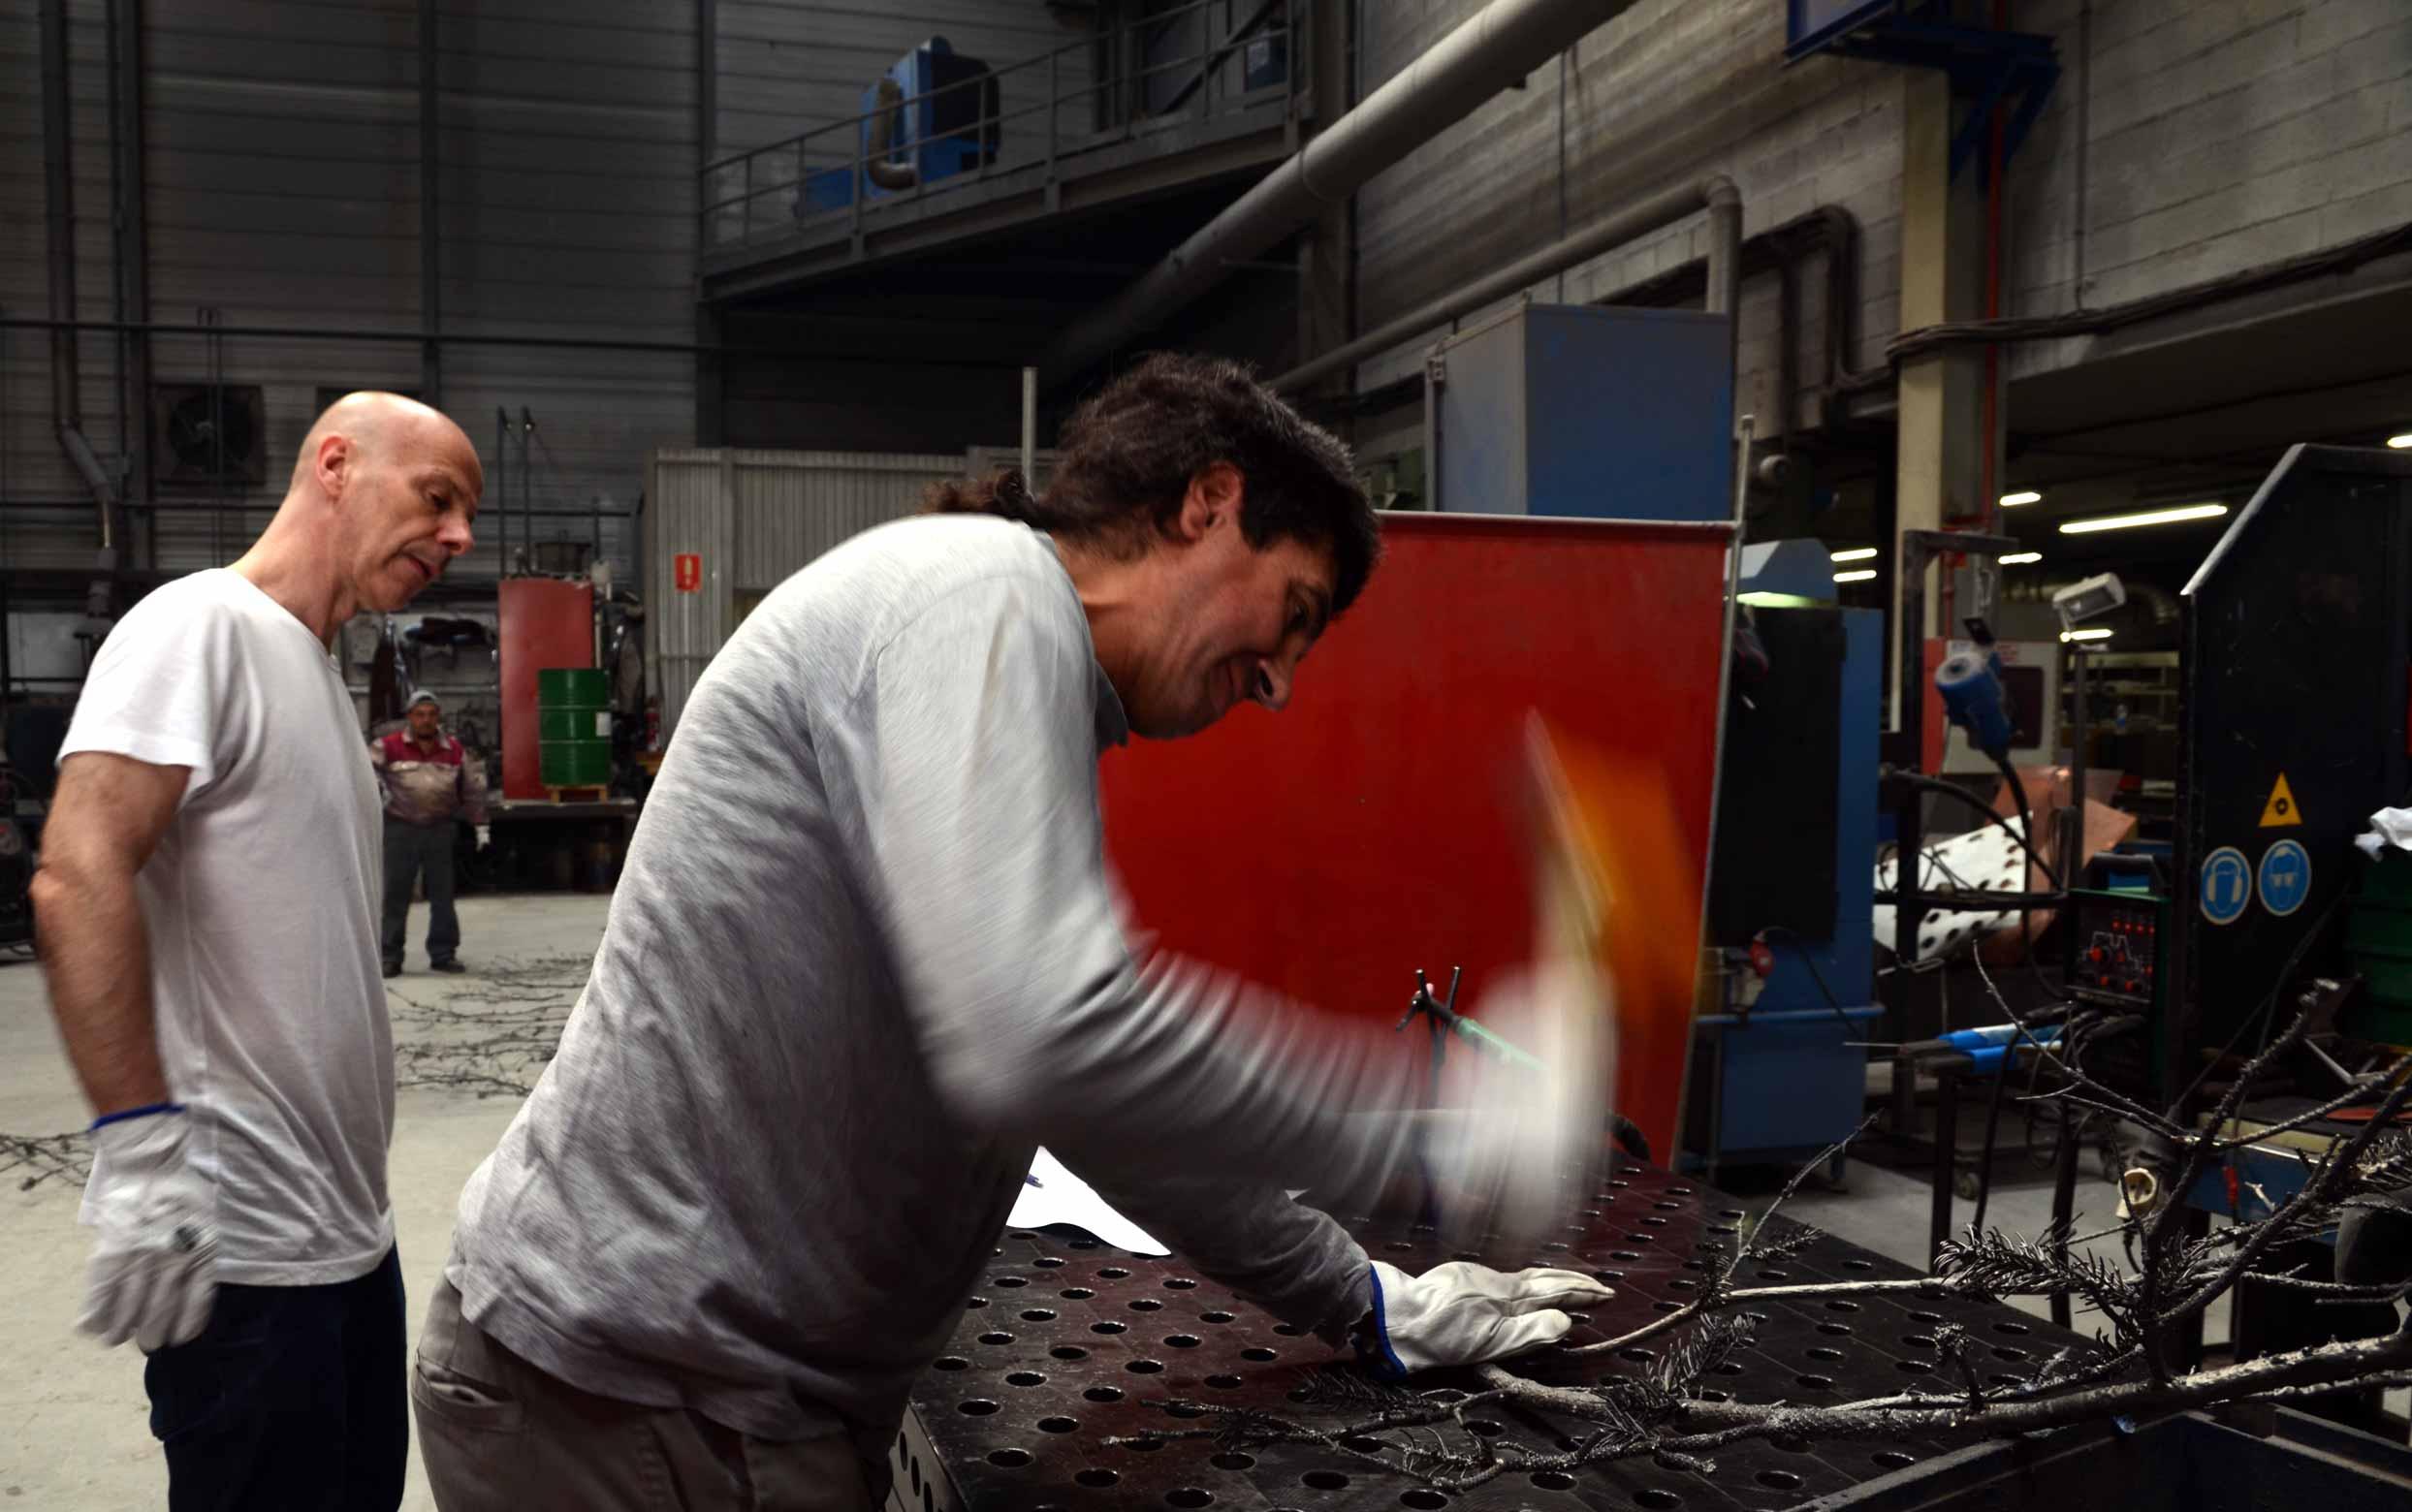 Philippe Parreno en Alfa Arte. Proceso de construcción de la escultura FRAUGHT TIMES, FZRA JANUARY, 1998, en acero inoxidable.